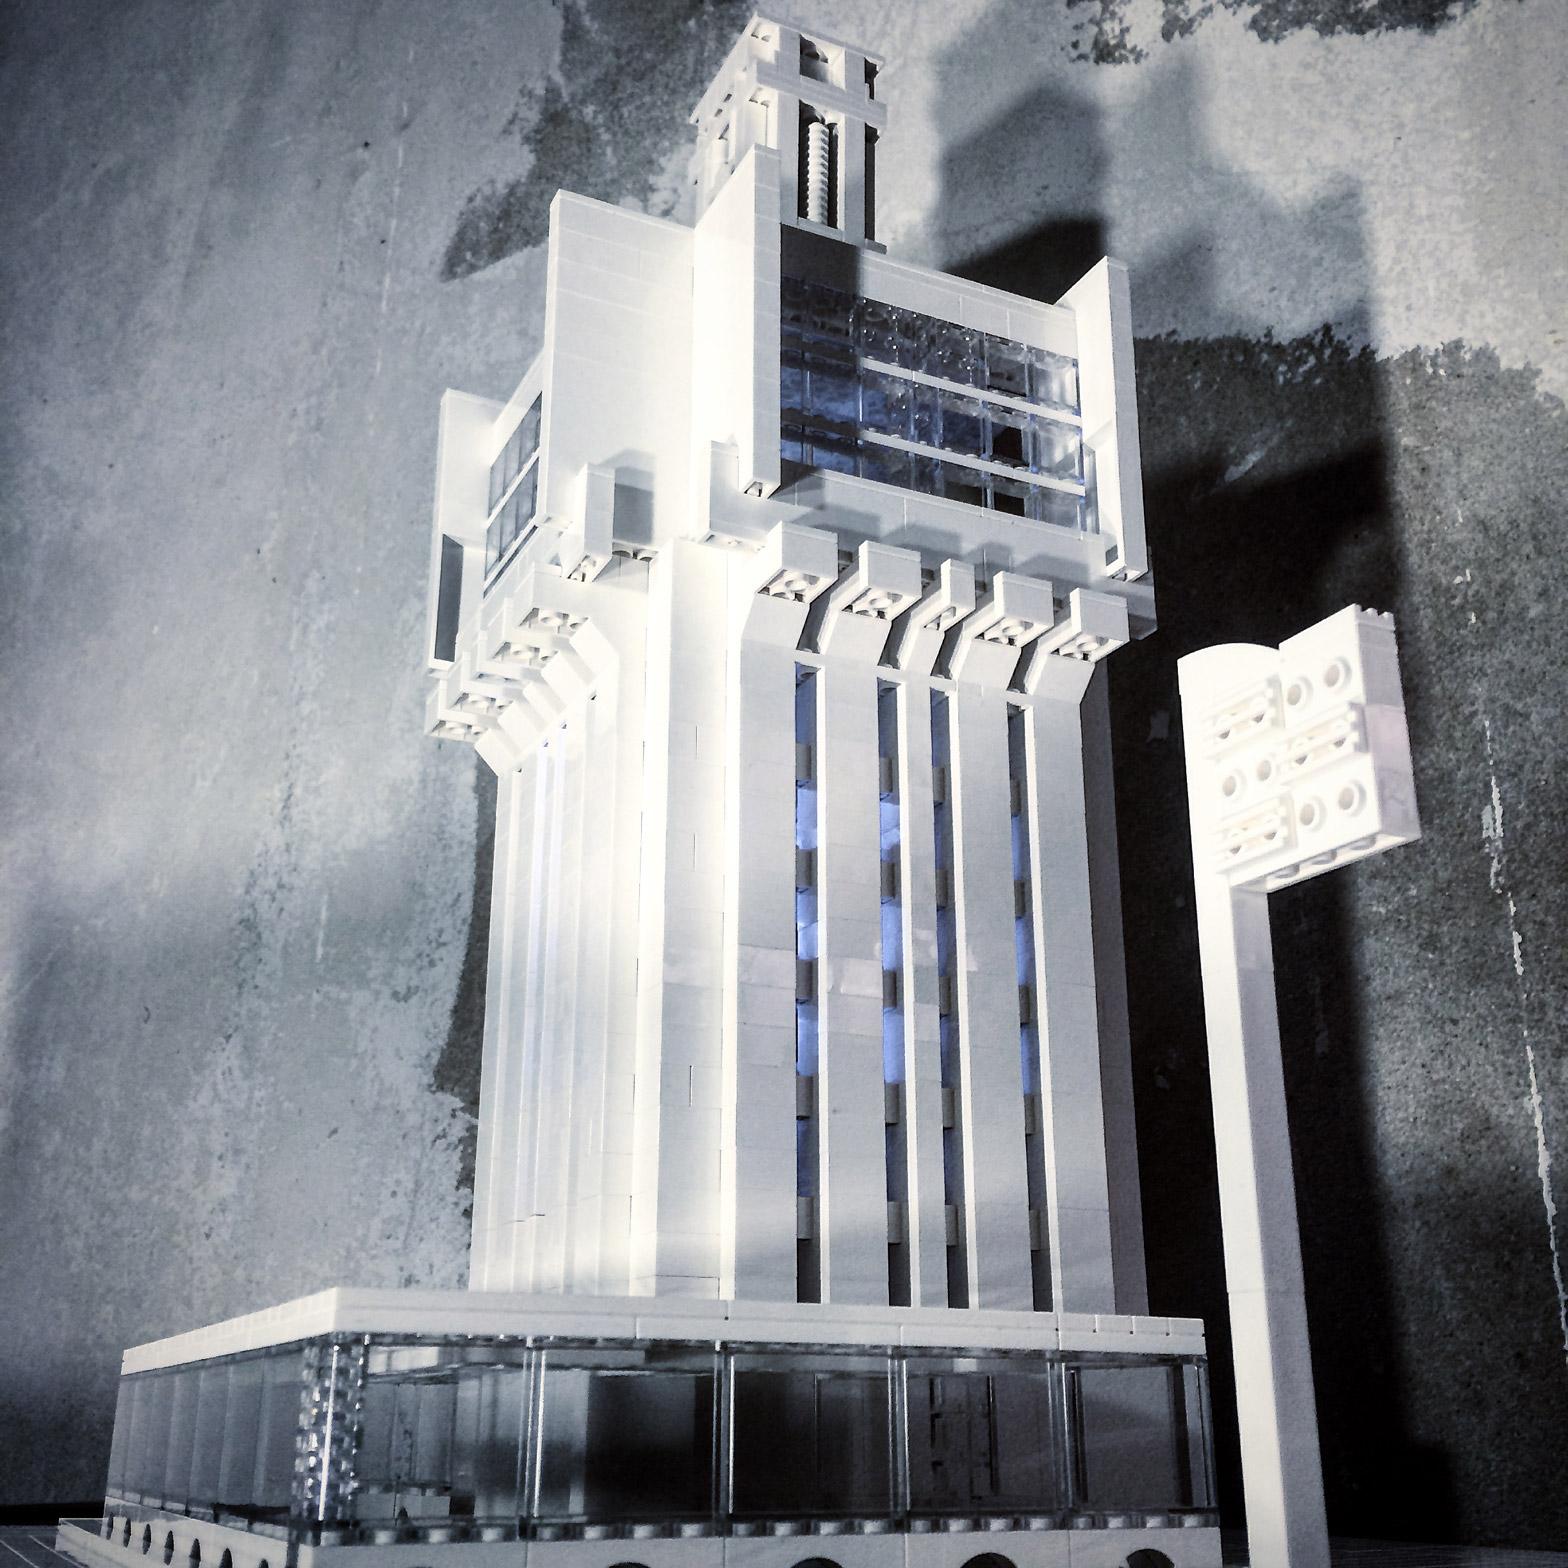 Embajada rusa en La Habana, diseño del arquitecto Aleksandr Rochegov - Arndt Schlaudraff